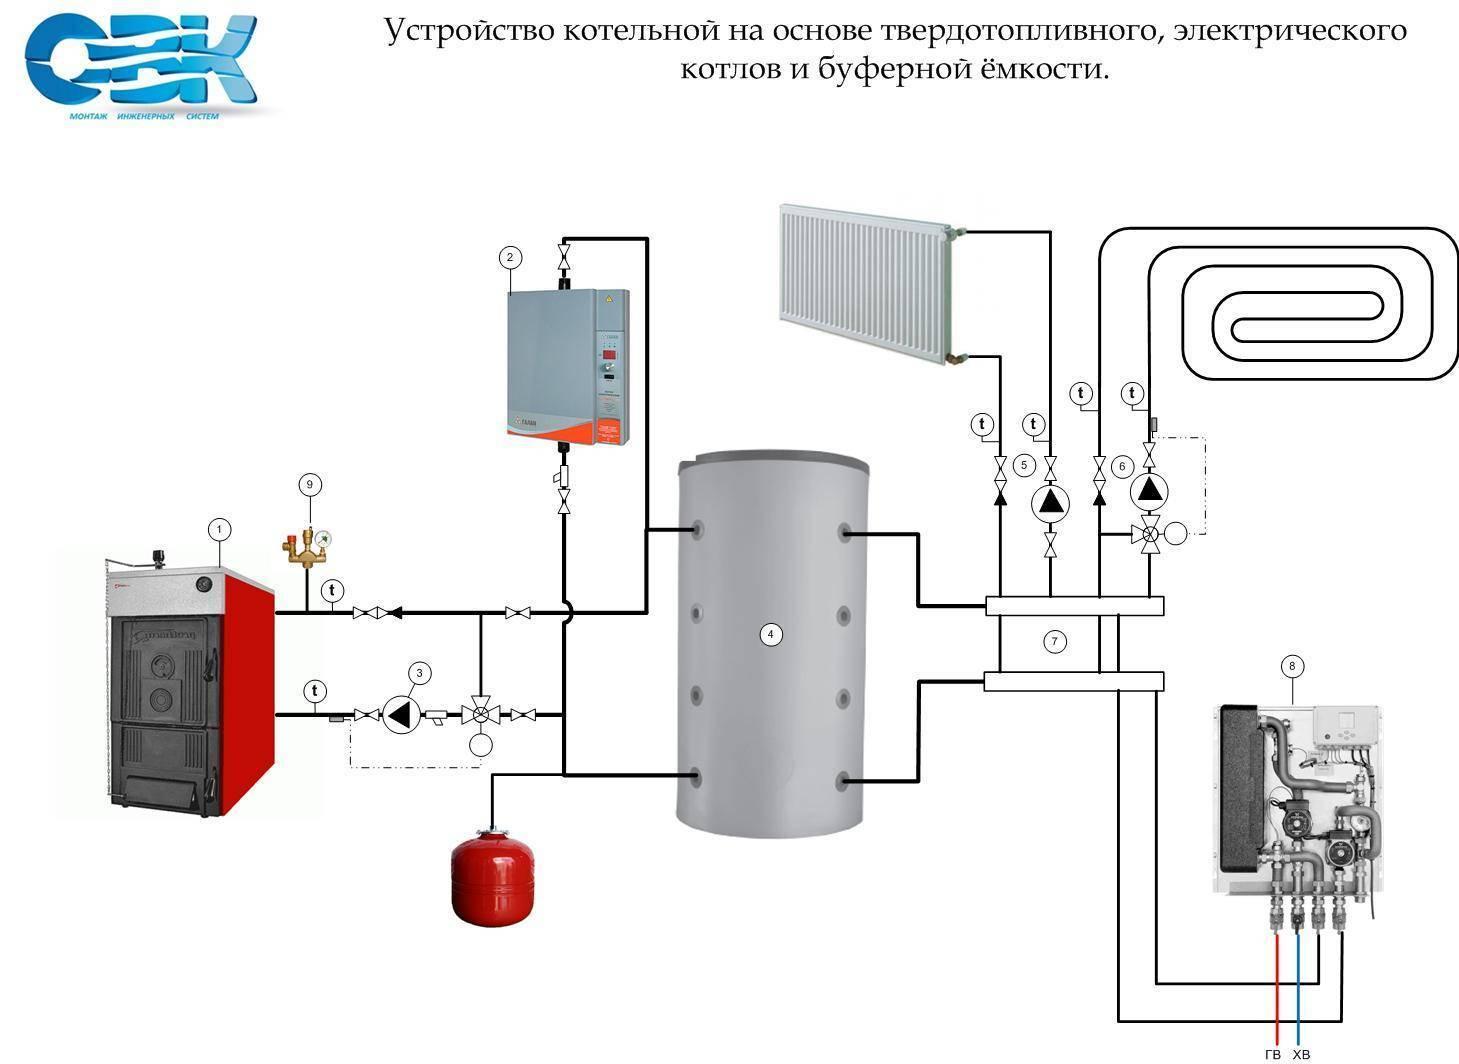 Электрический котел принципиальная схема - tokzamer.ru